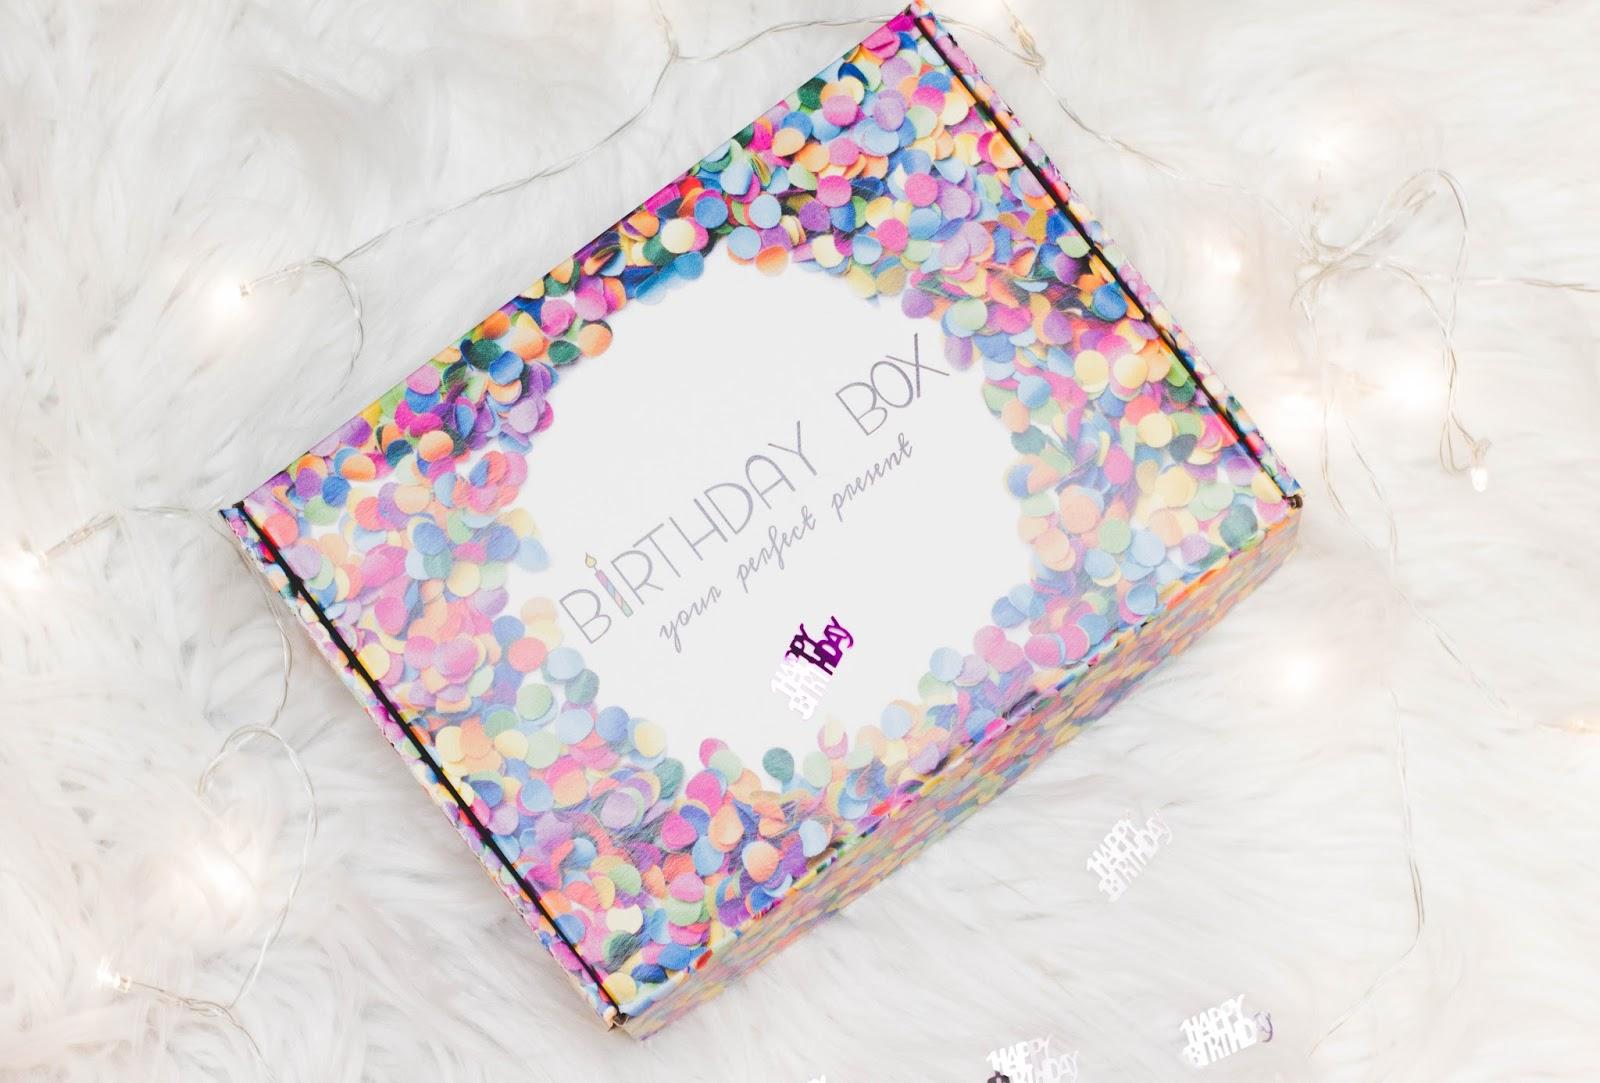 Niewiarygodnie Birthday Box - prezent idealny, czyli pudełko urodzinowe - Czary BT86